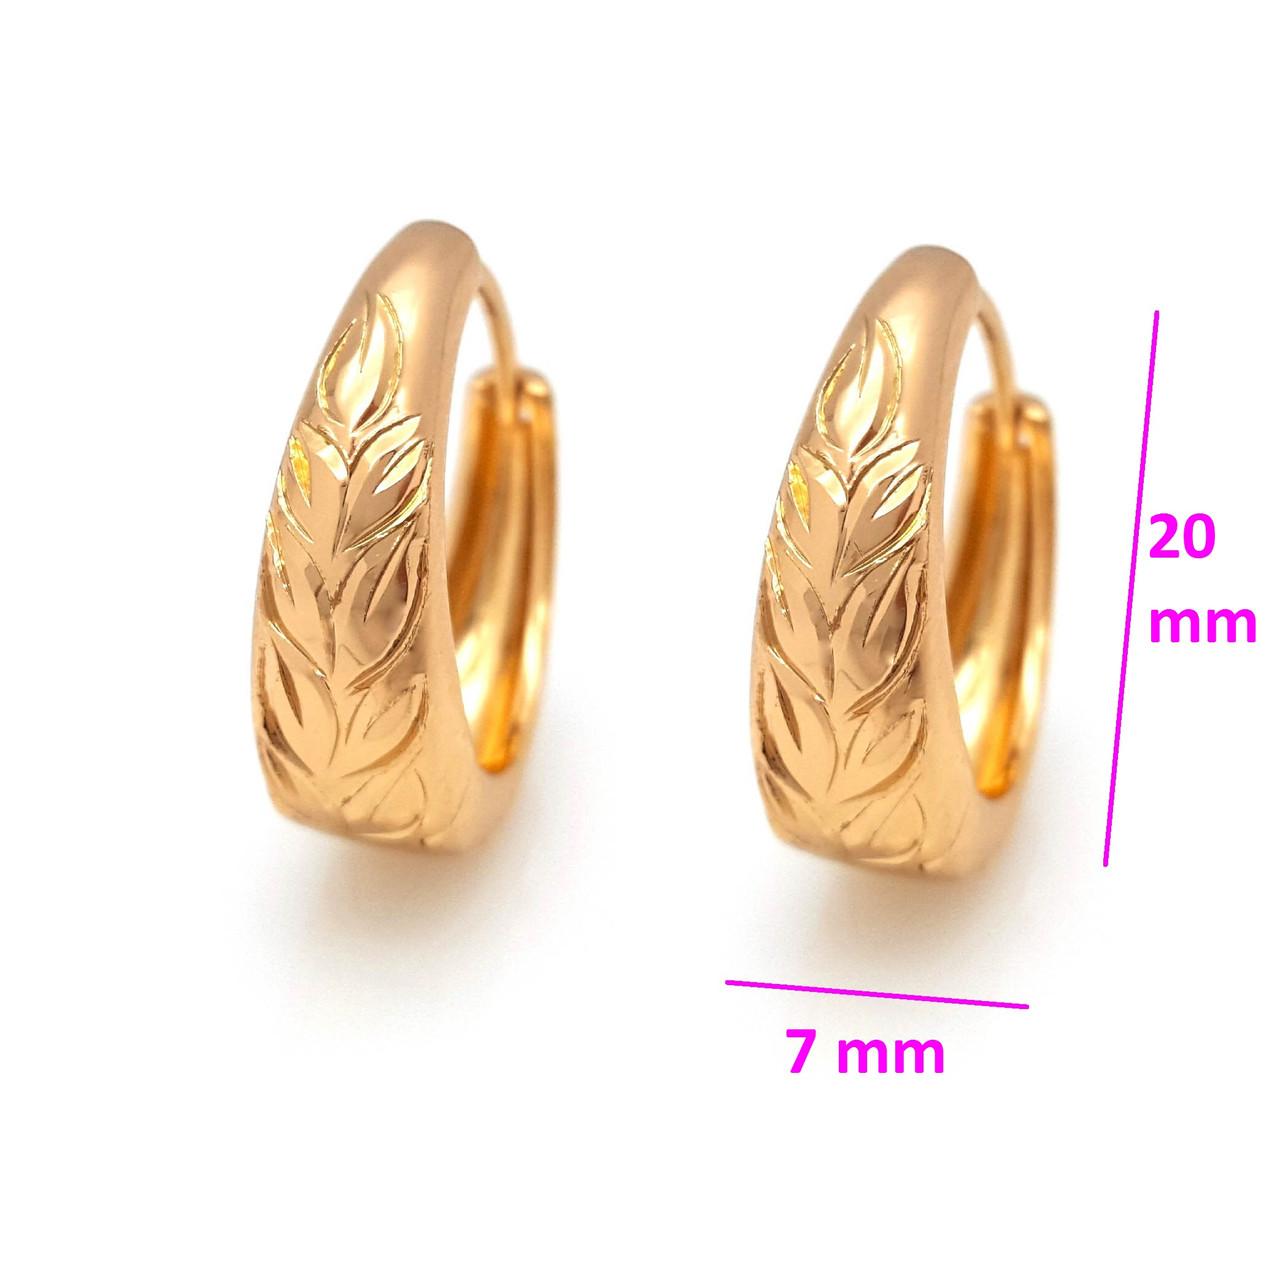 Сережки Кільця, класика з різьбленим колоском, без камінчиків, позолота Xuping, 18К